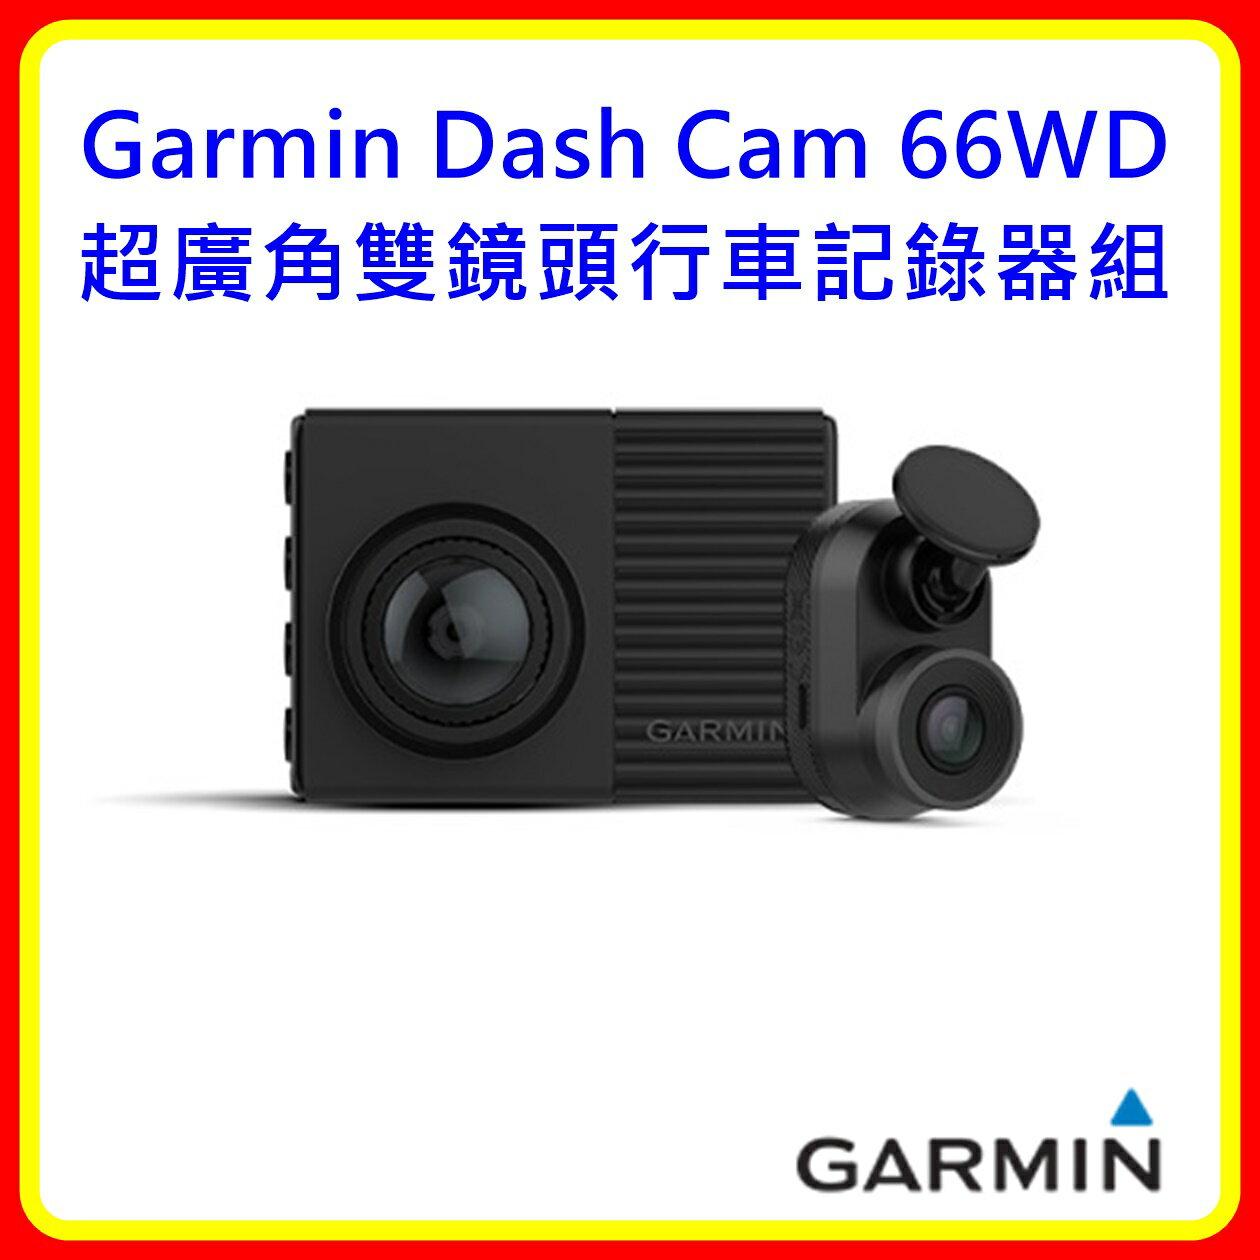 【現貨 含稅】Garmin Dash Cam 66WD 超廣角雙鏡頭行車記錄器組 內附2張16G